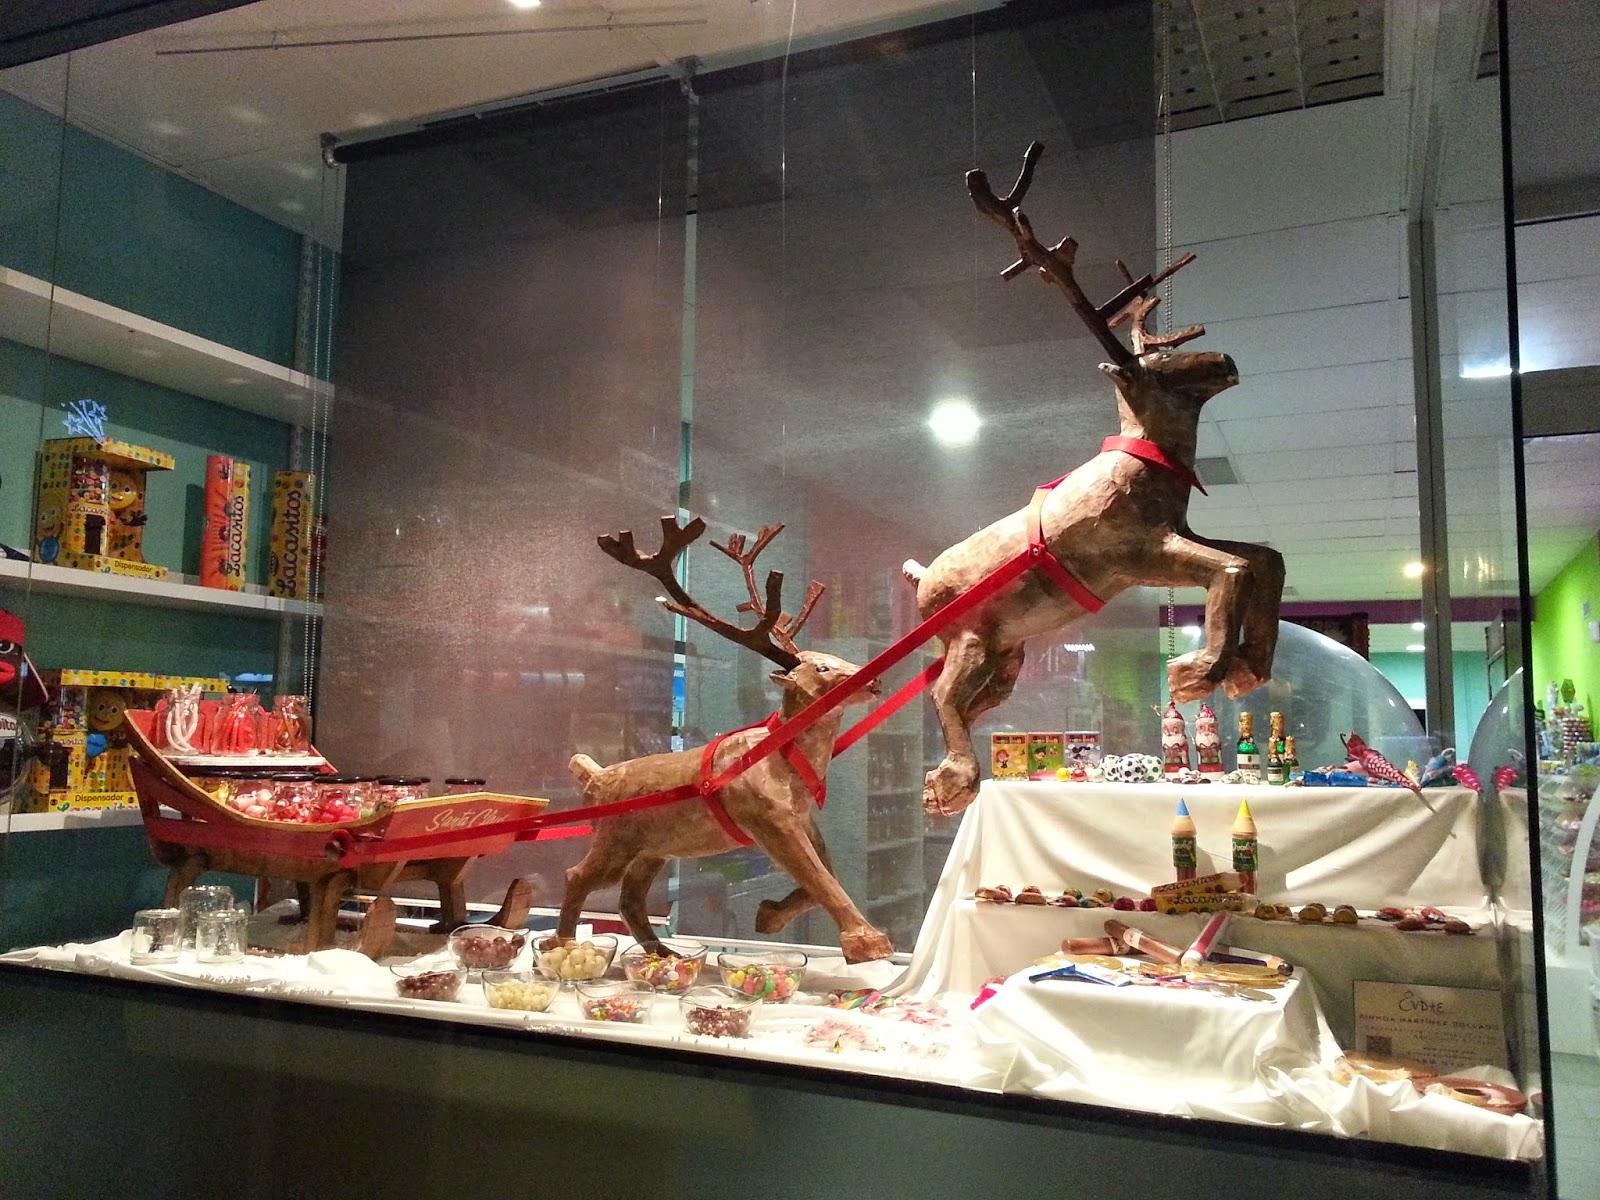 Escaparate navideño fantasia, chucherias y chocolate trineo santa claus y renos